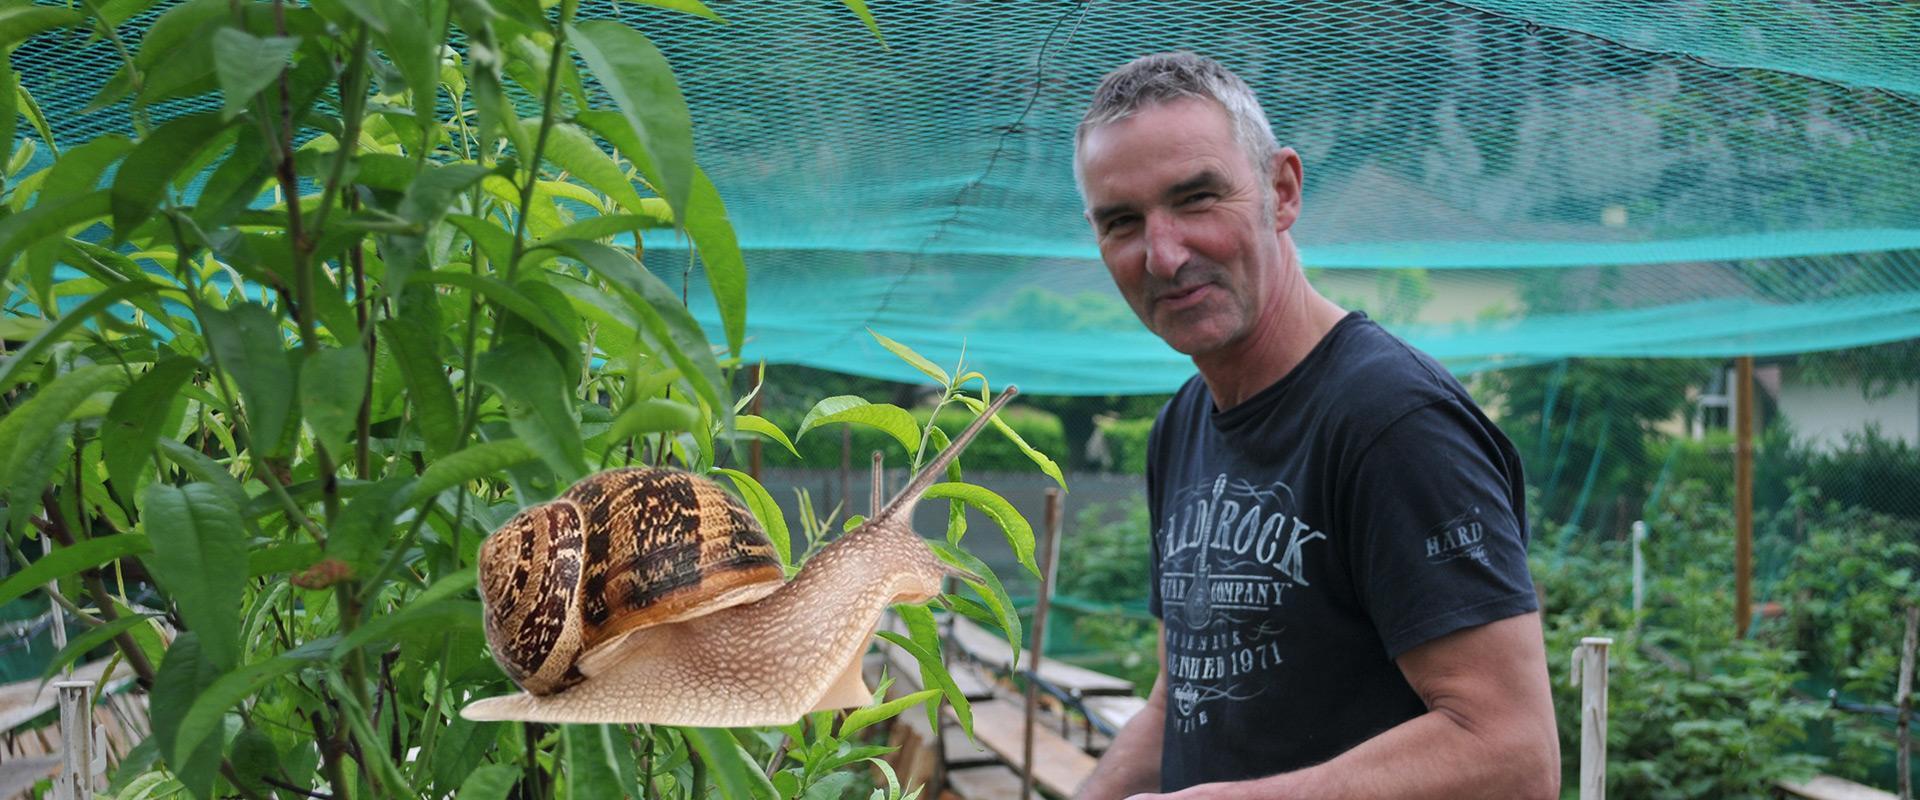 Les escargots de Dédé à Thoirette - Graines de l' Ain